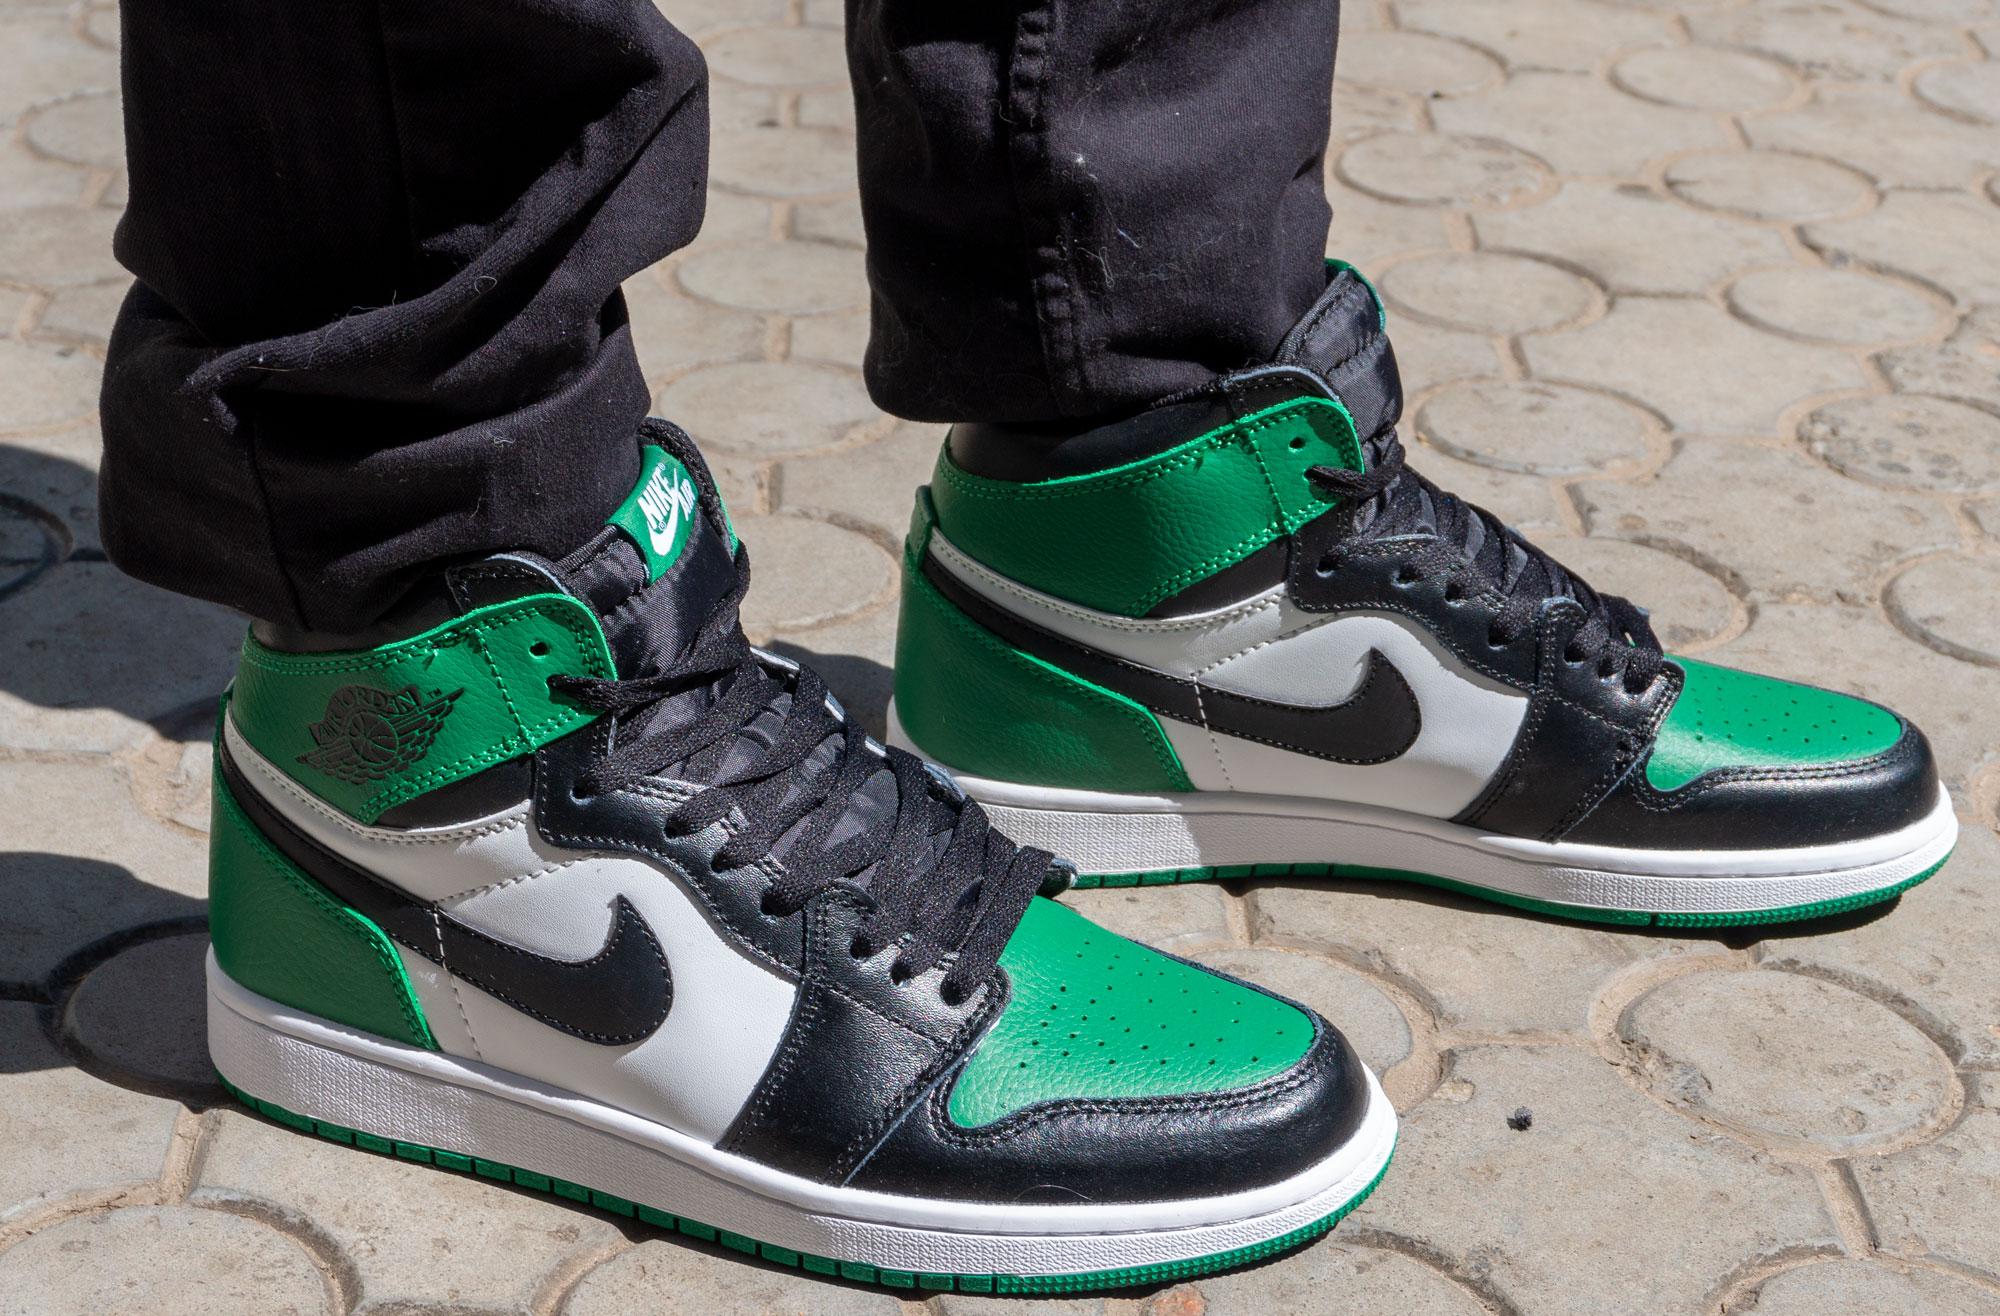 фото - Высокие черные c зеленым кроссовки Nike Air Jordan 1 . Топ качество! на ноге.